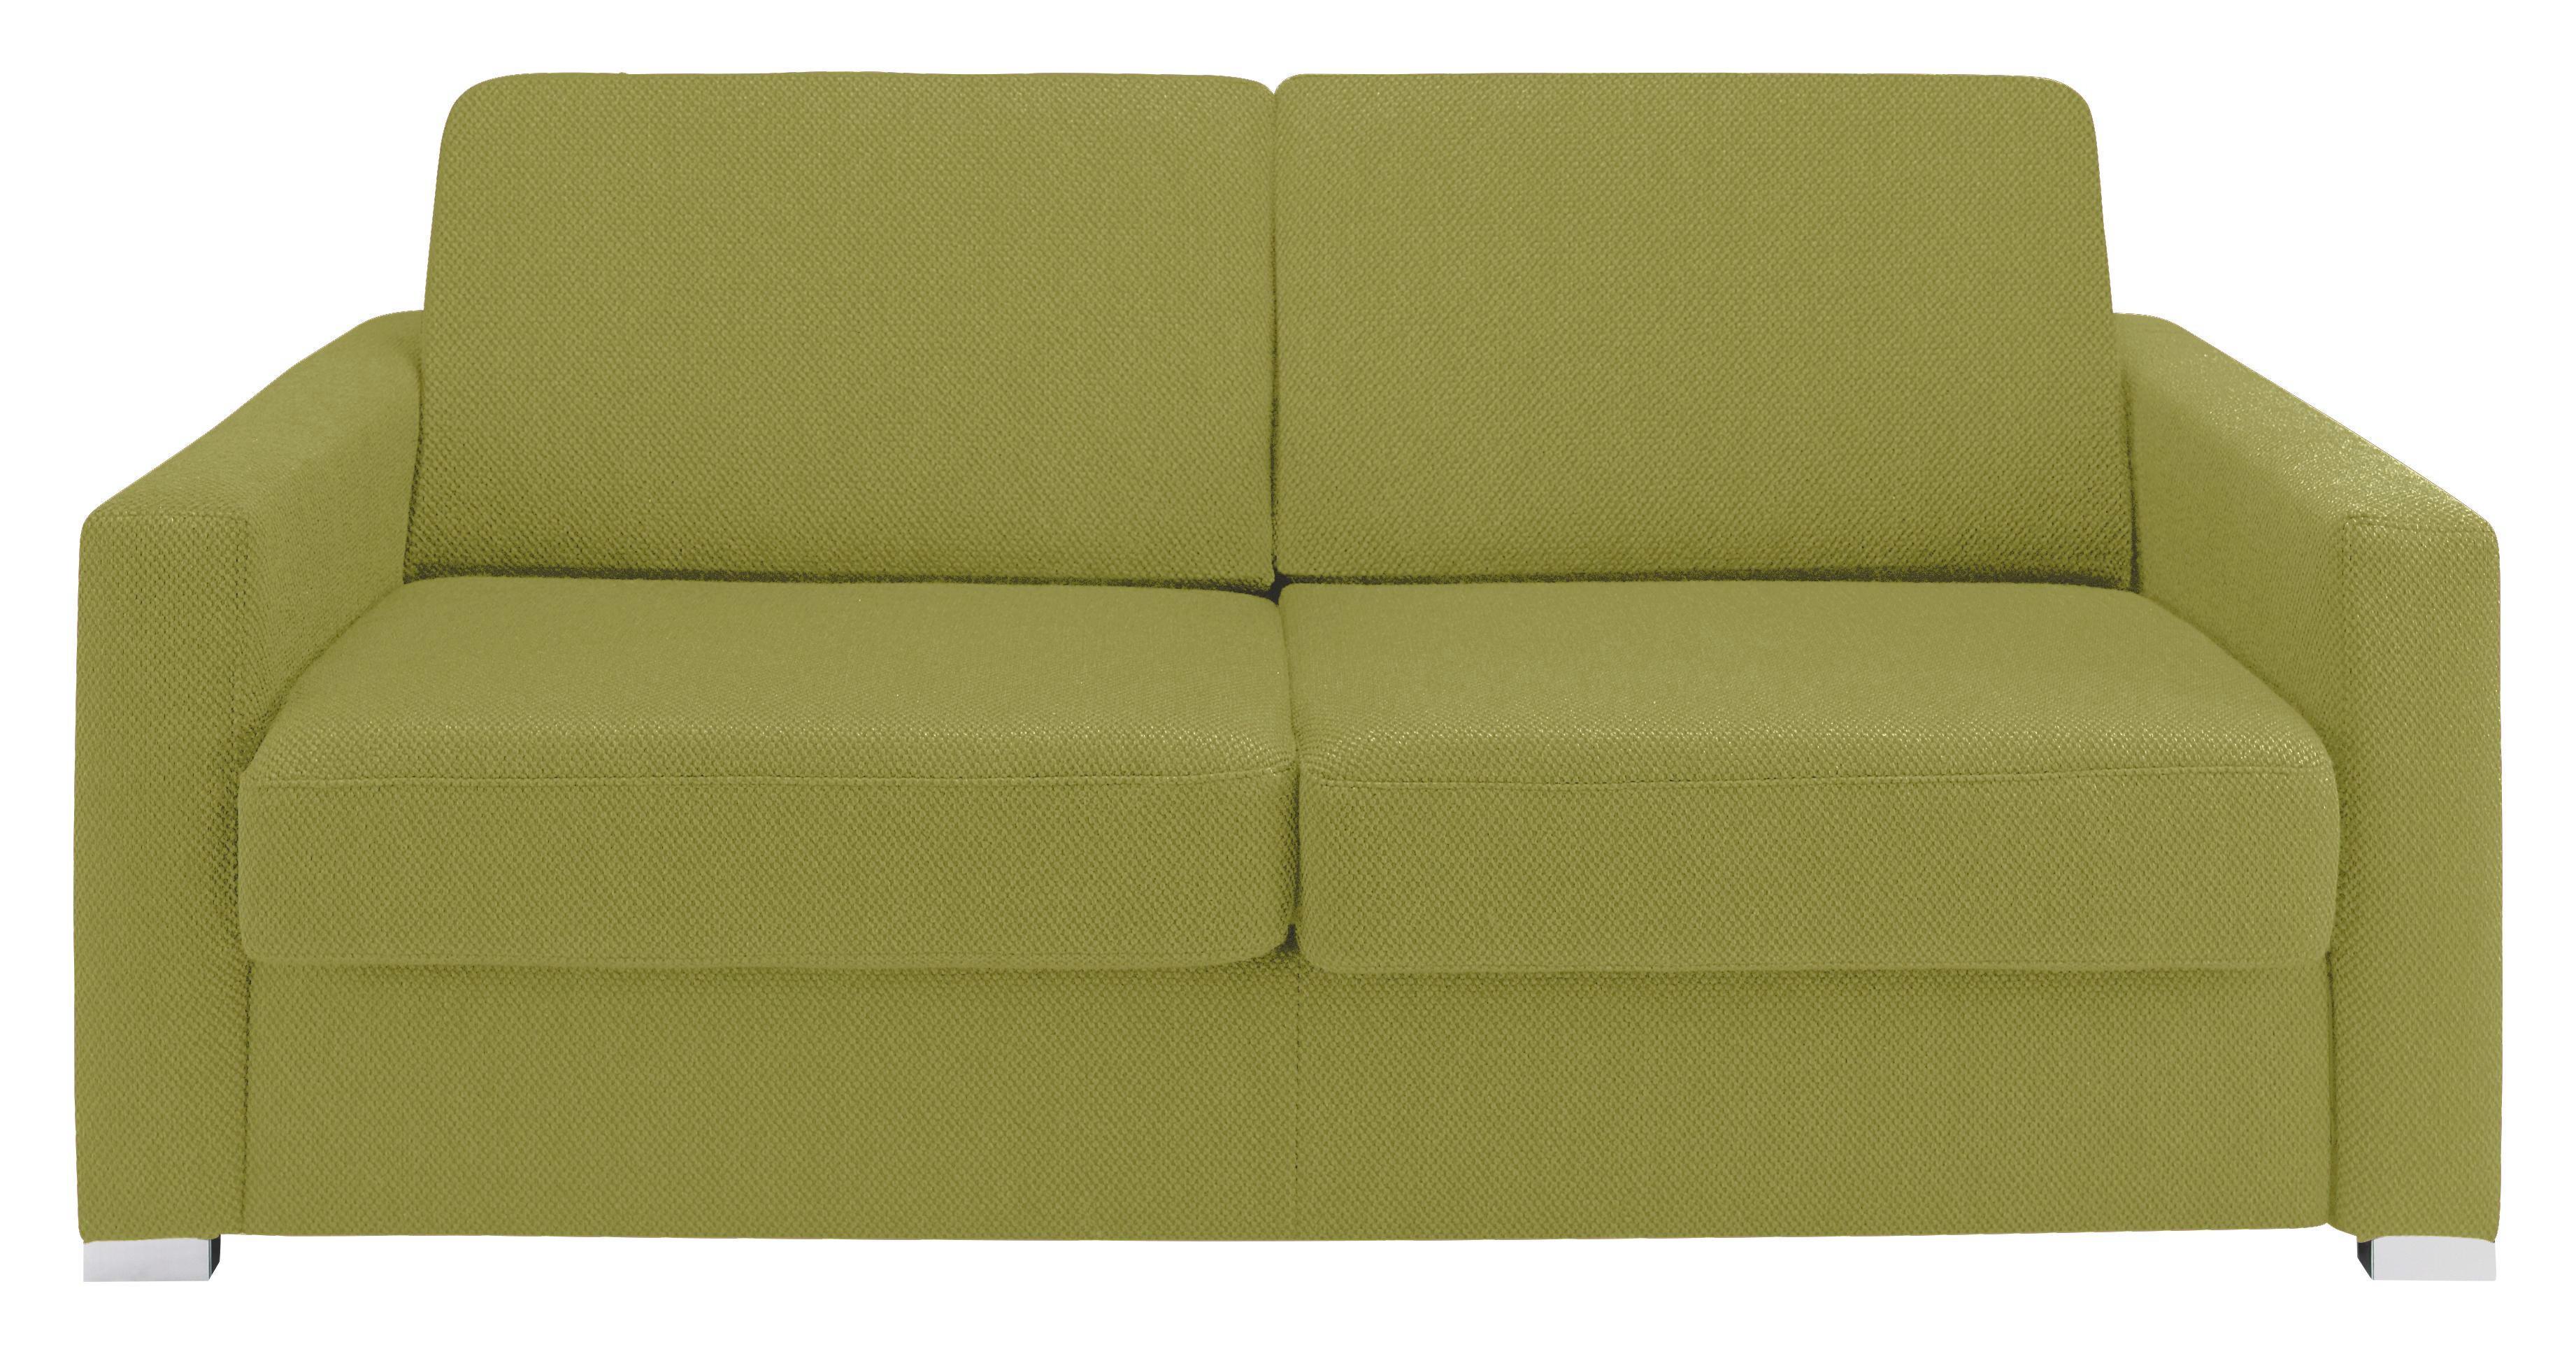 Schlafsofa grün  SCHLAFSOFA in Grün Textil online kaufen ➤ XXXLutz